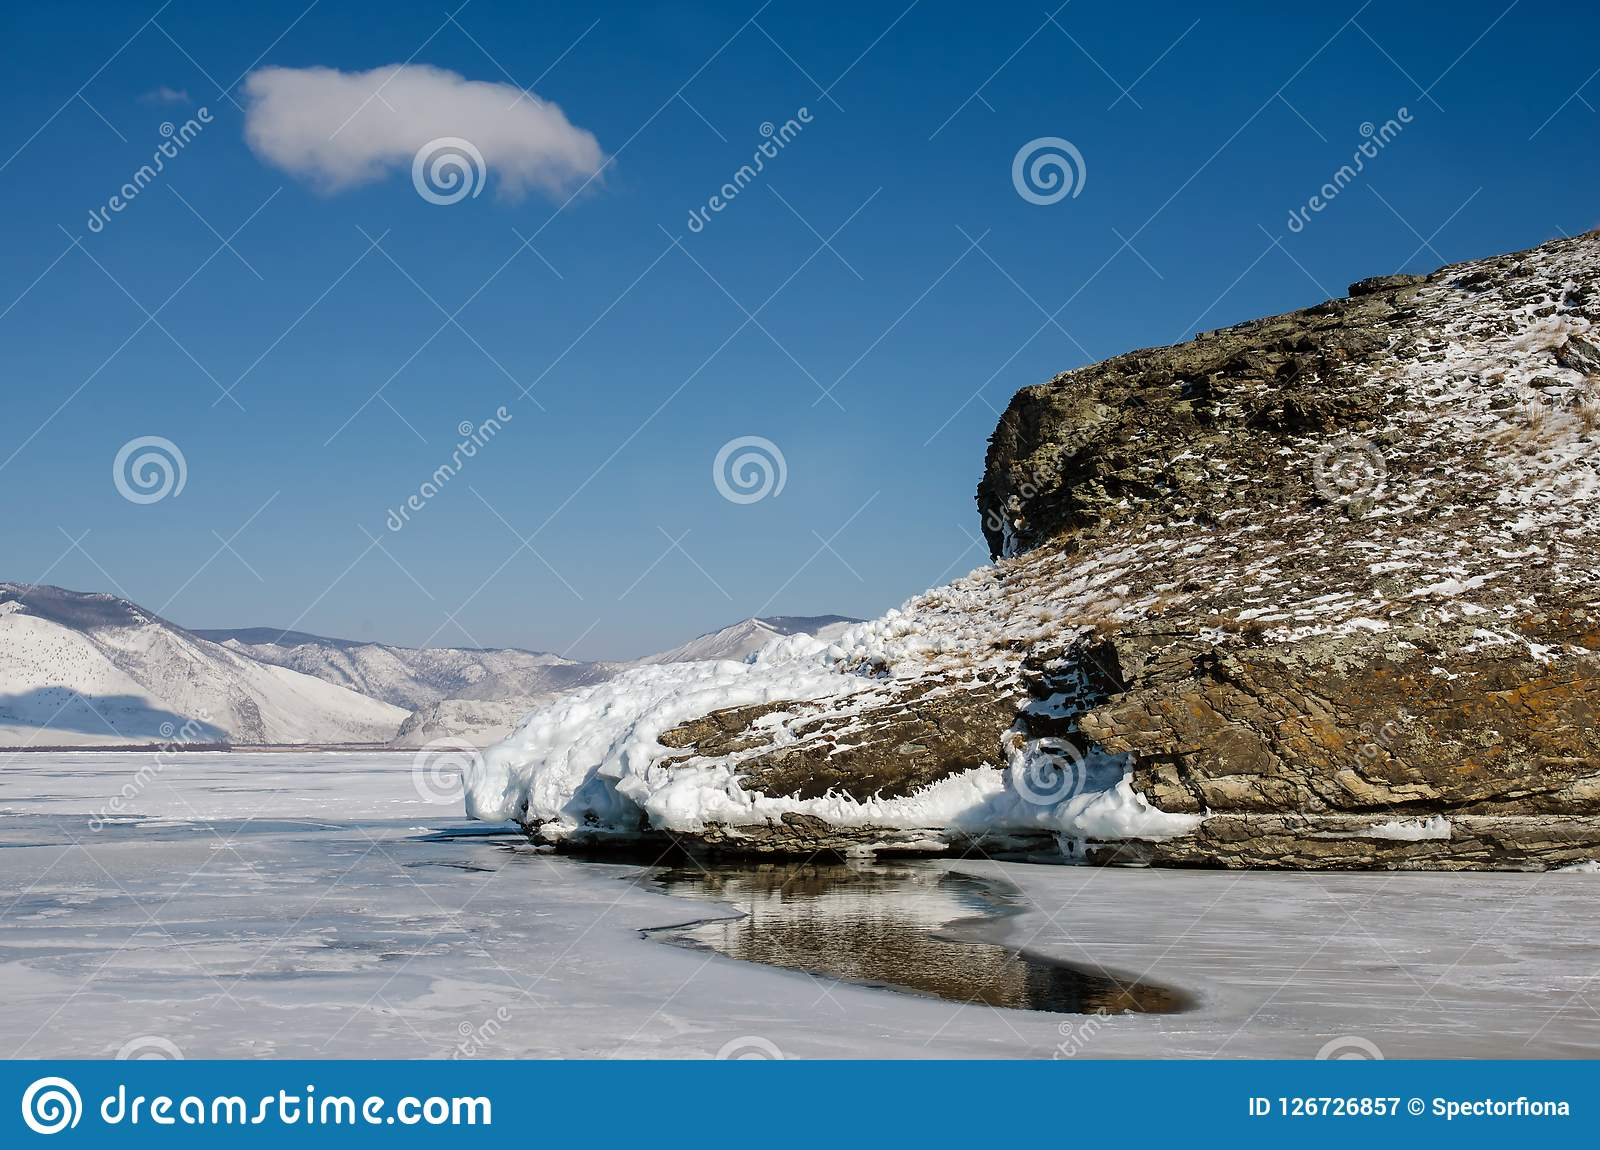 Gat in het ijs van meer Baikal meer dan één meter dik dichtbij rots